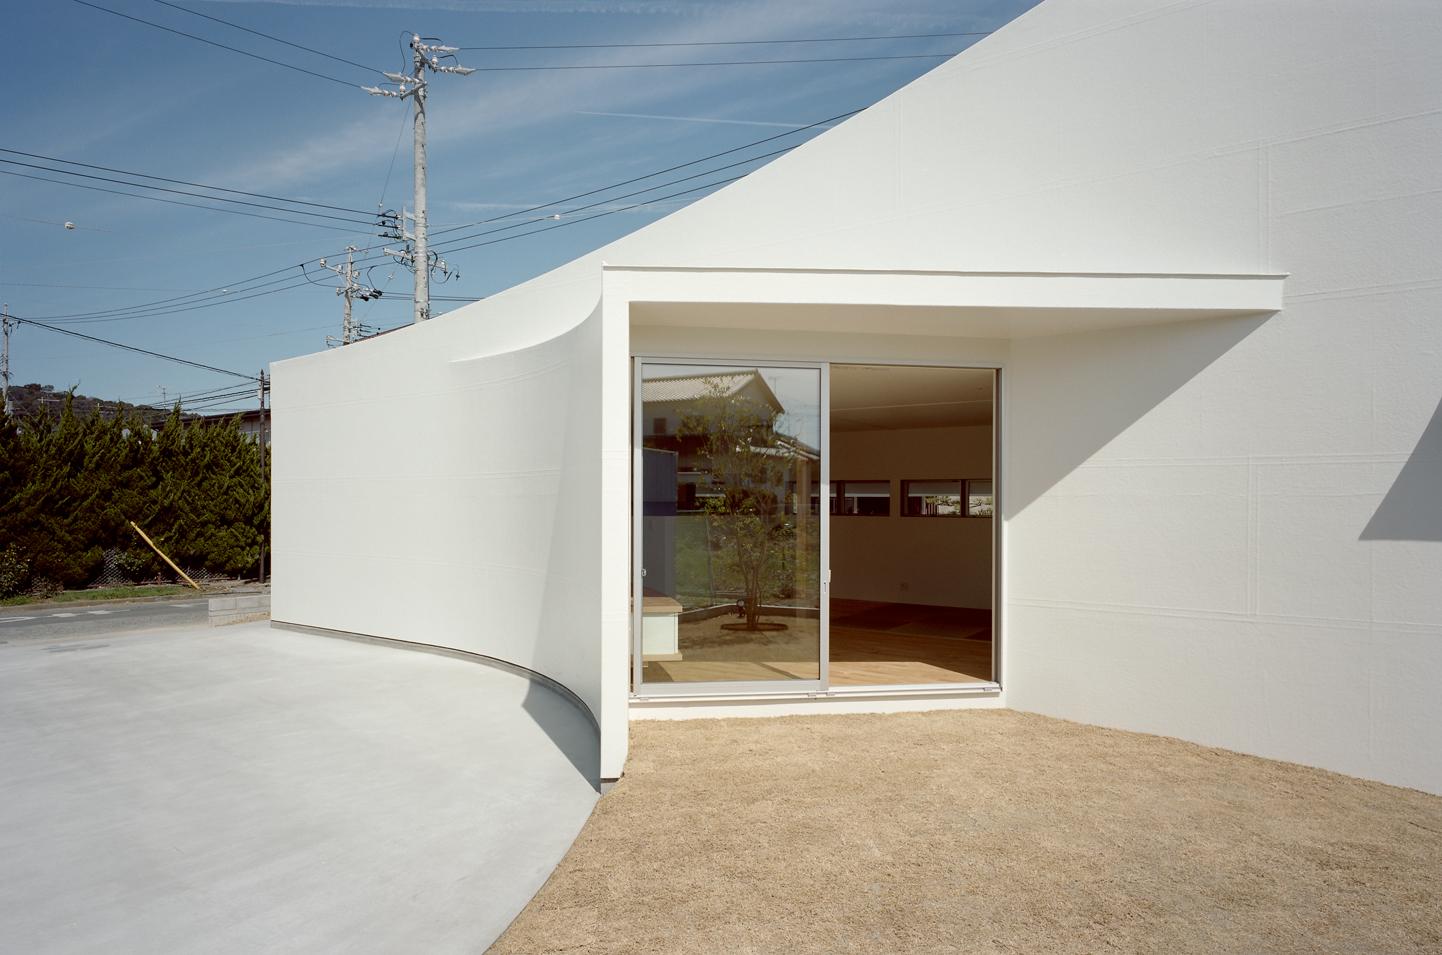 Casa Pelo / mA-style architects, © Kai Nakamura